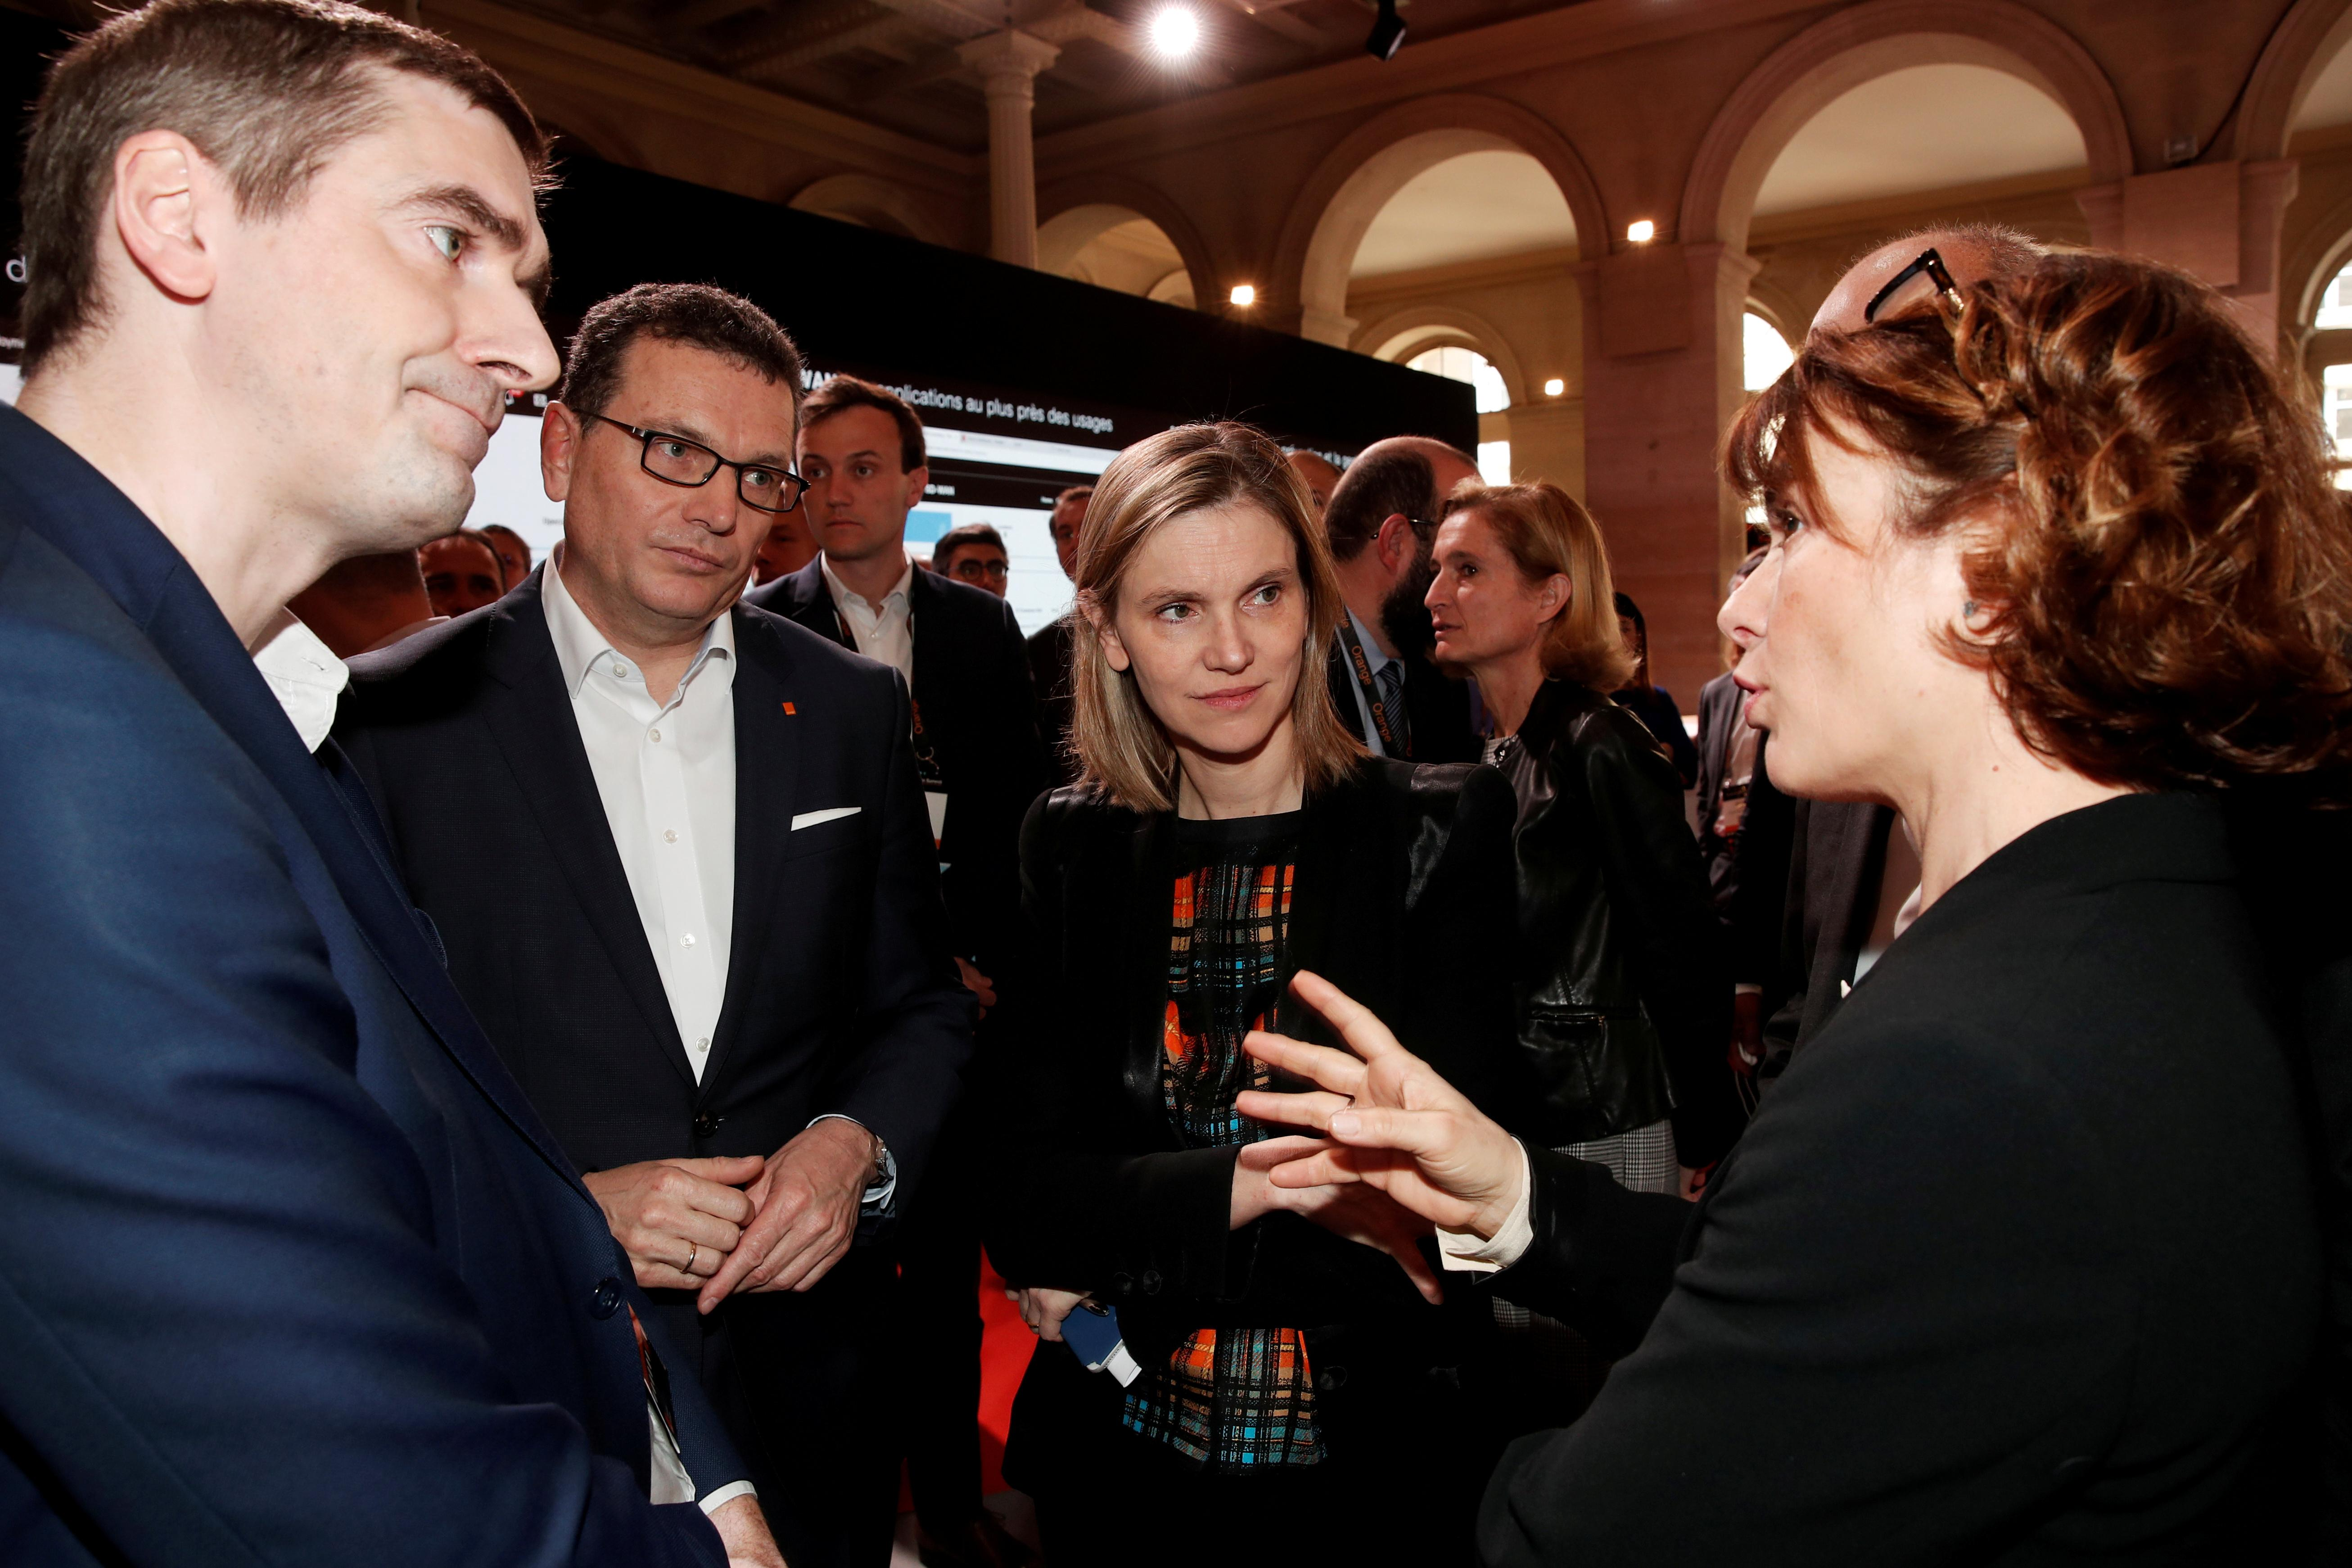 La France résiste à la menace des tarifs américains pour le champagne et le fromage